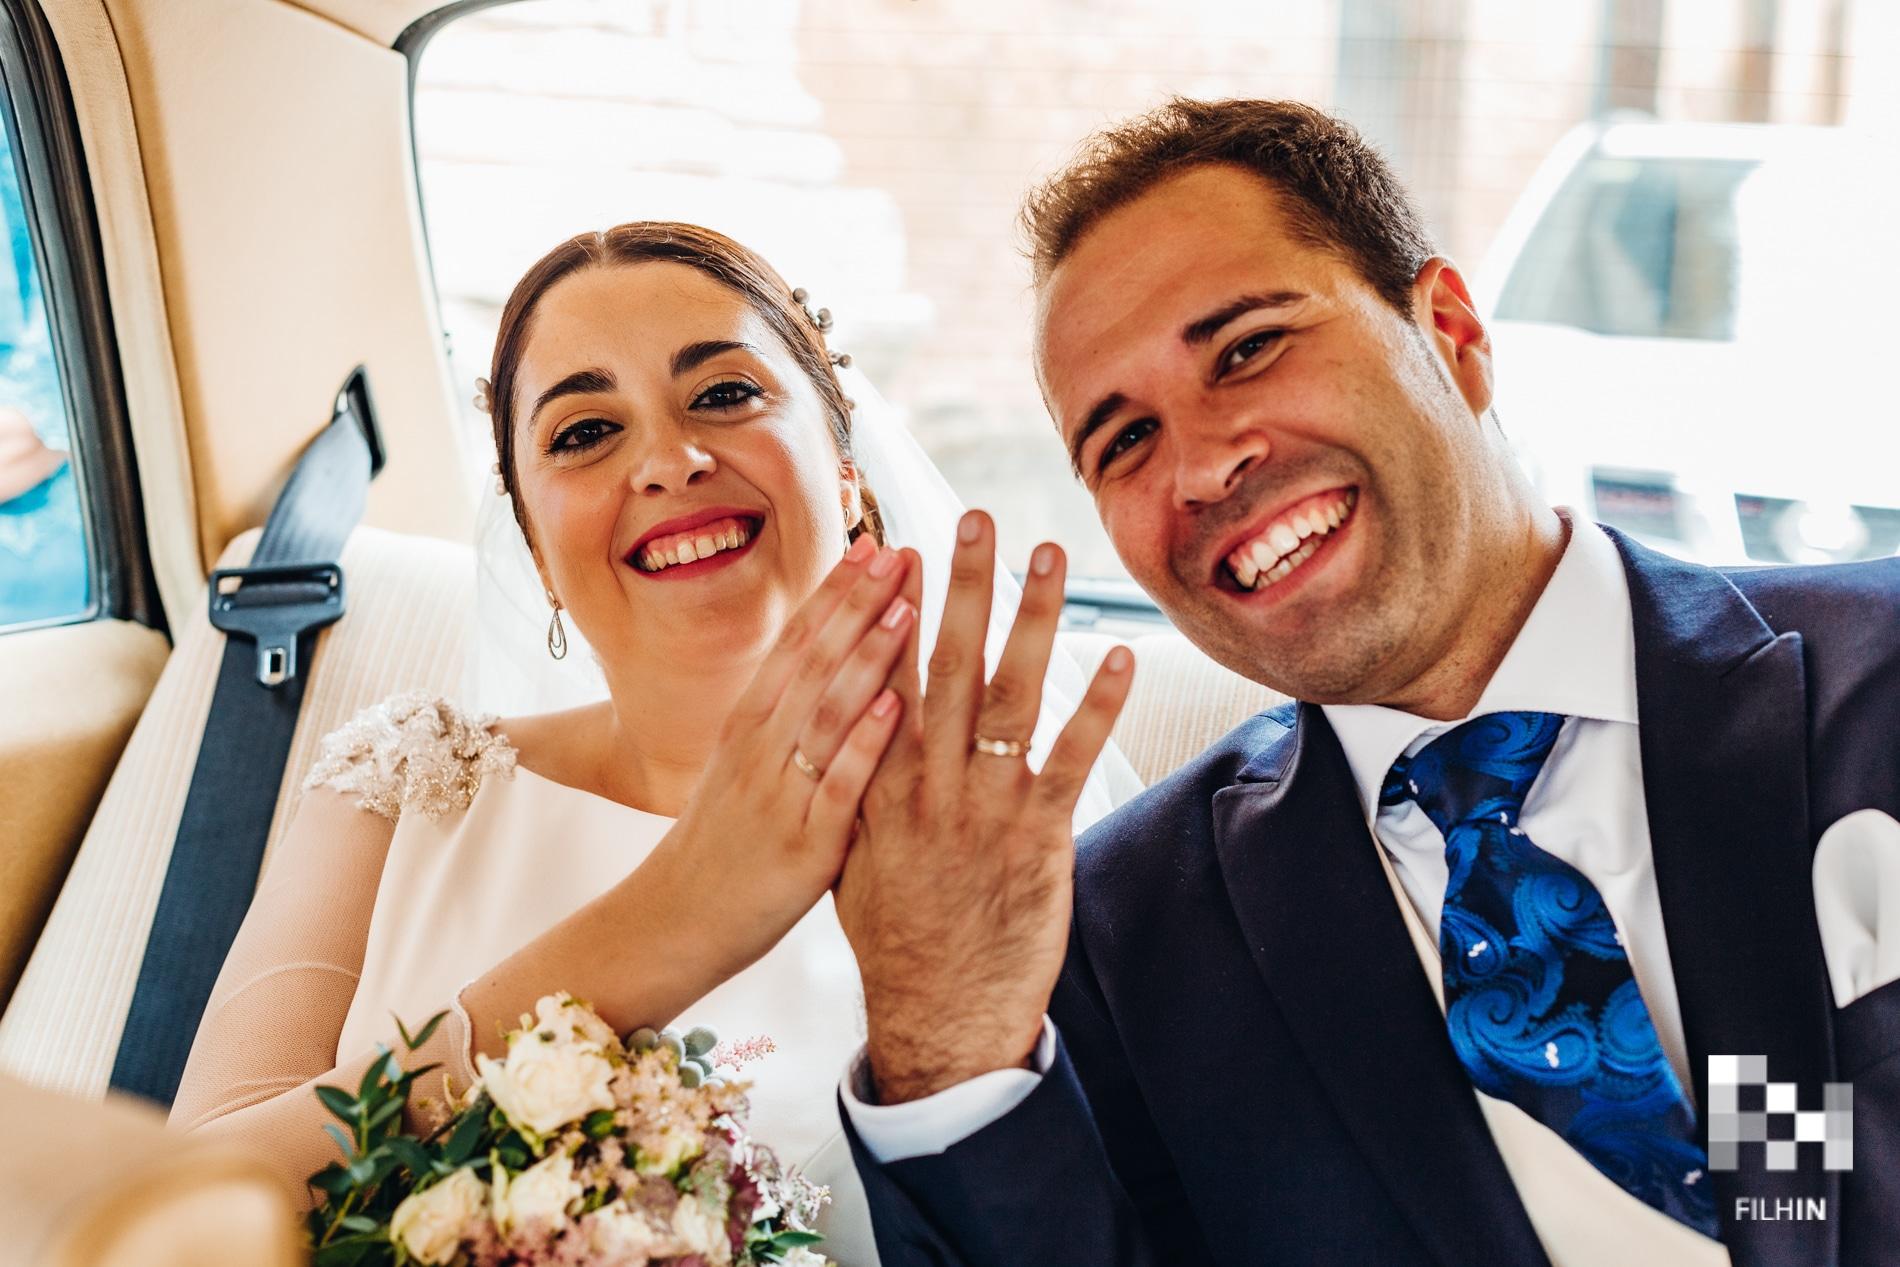 La boda de Rafa y Loli | FILHIN